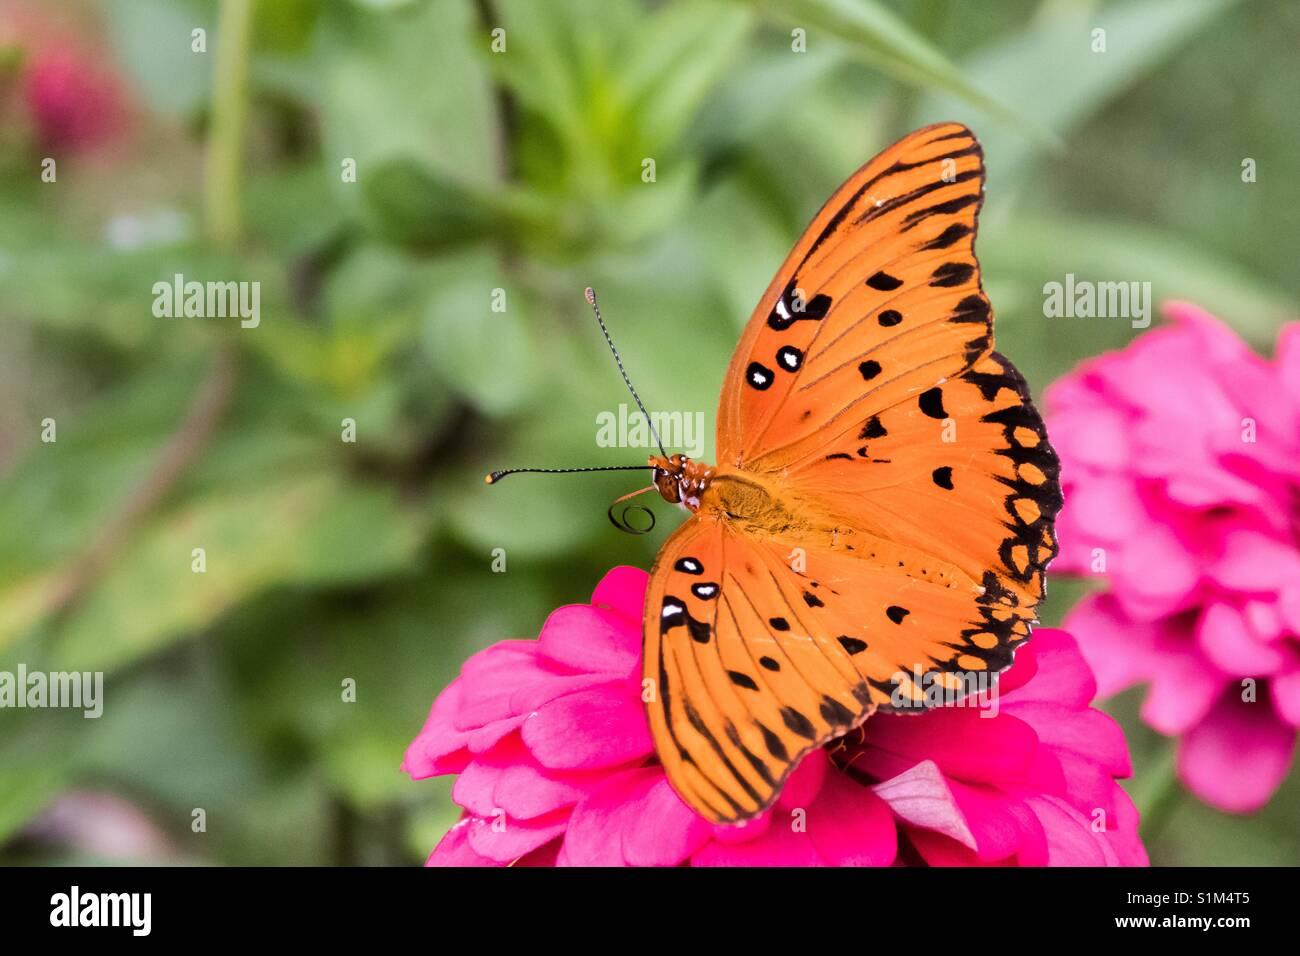 Foto en primer plano horizontal de una mariposa de color naranja ...